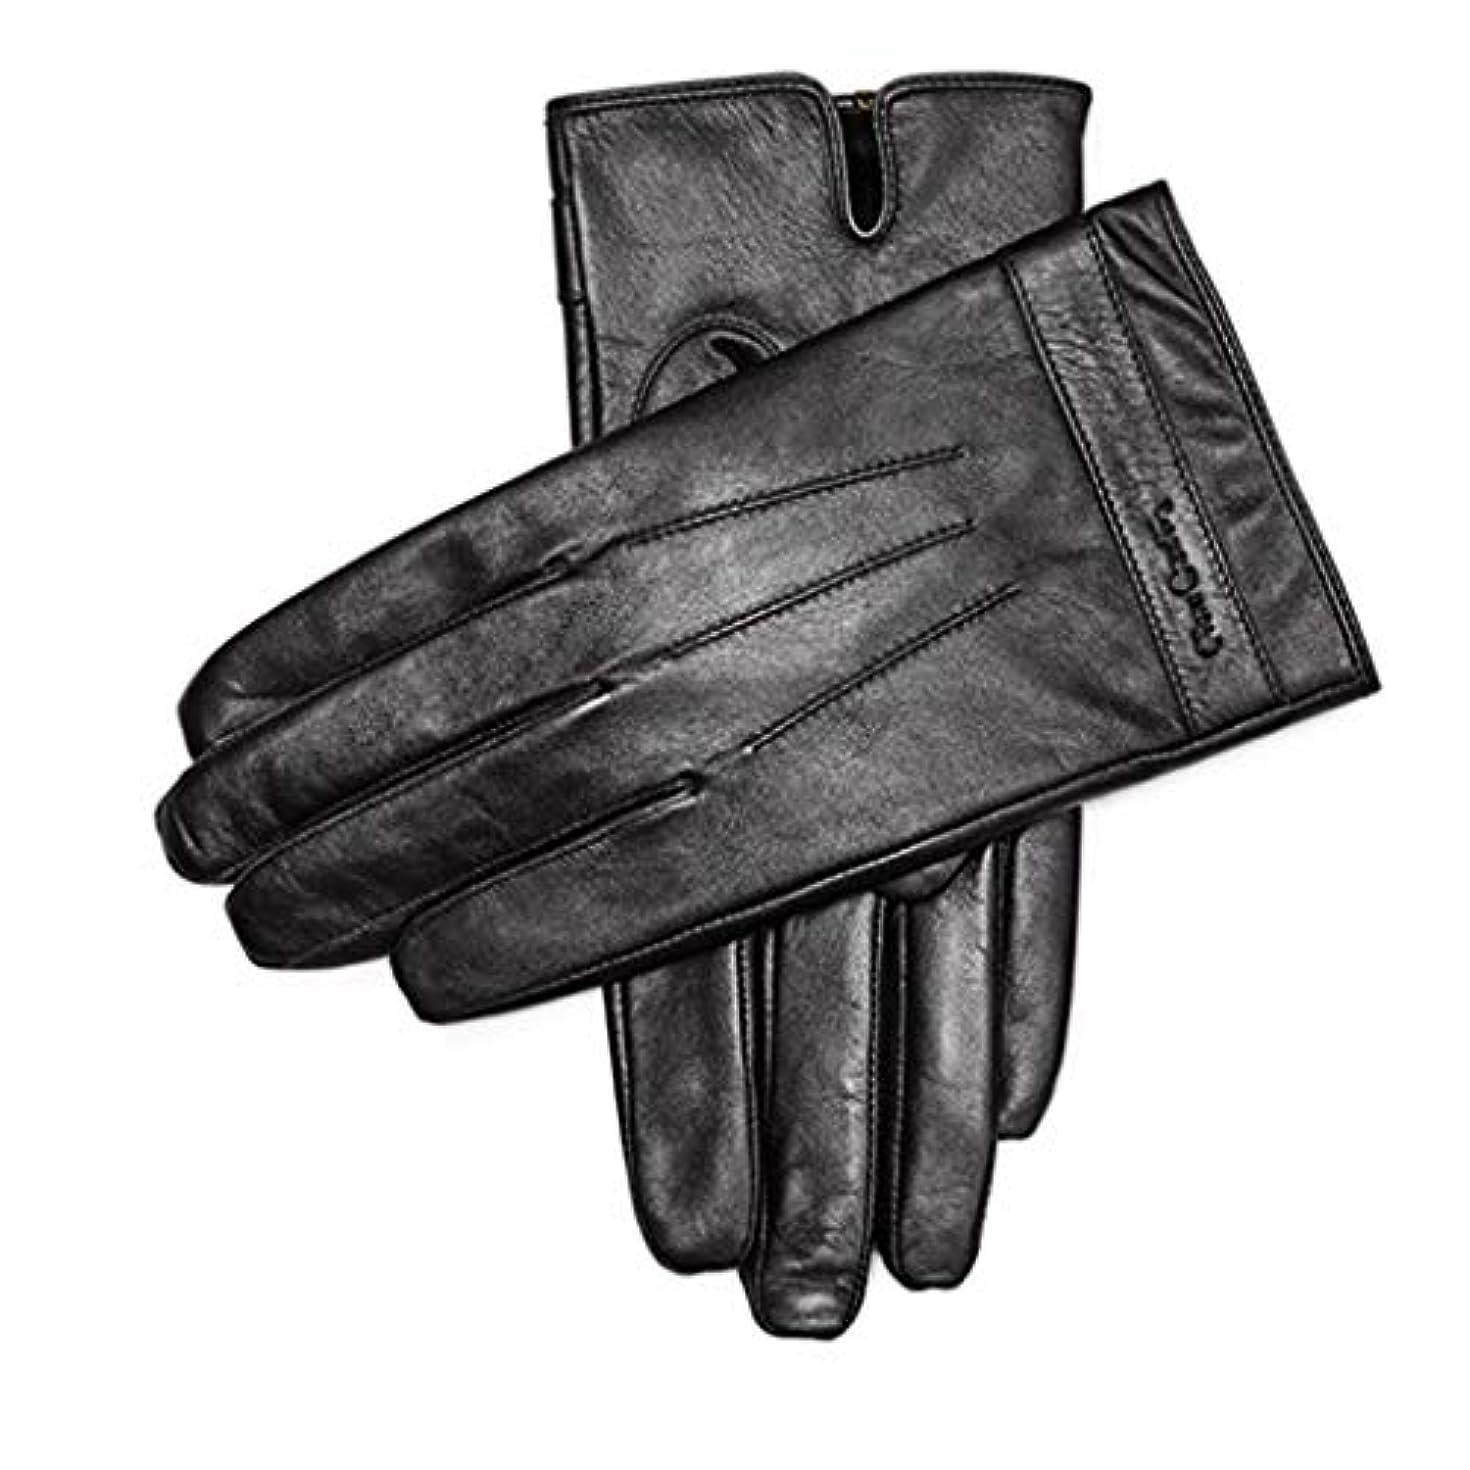 どっち干渉するどっち手袋暖かい肥厚プラスベルベットメンズシープスキン手袋メンズウィンターアンチスキッドサイクリングレザーグローブタッチスクリーンモデル(883191170-1厚いベルベット)L(175 / 65-70KG)